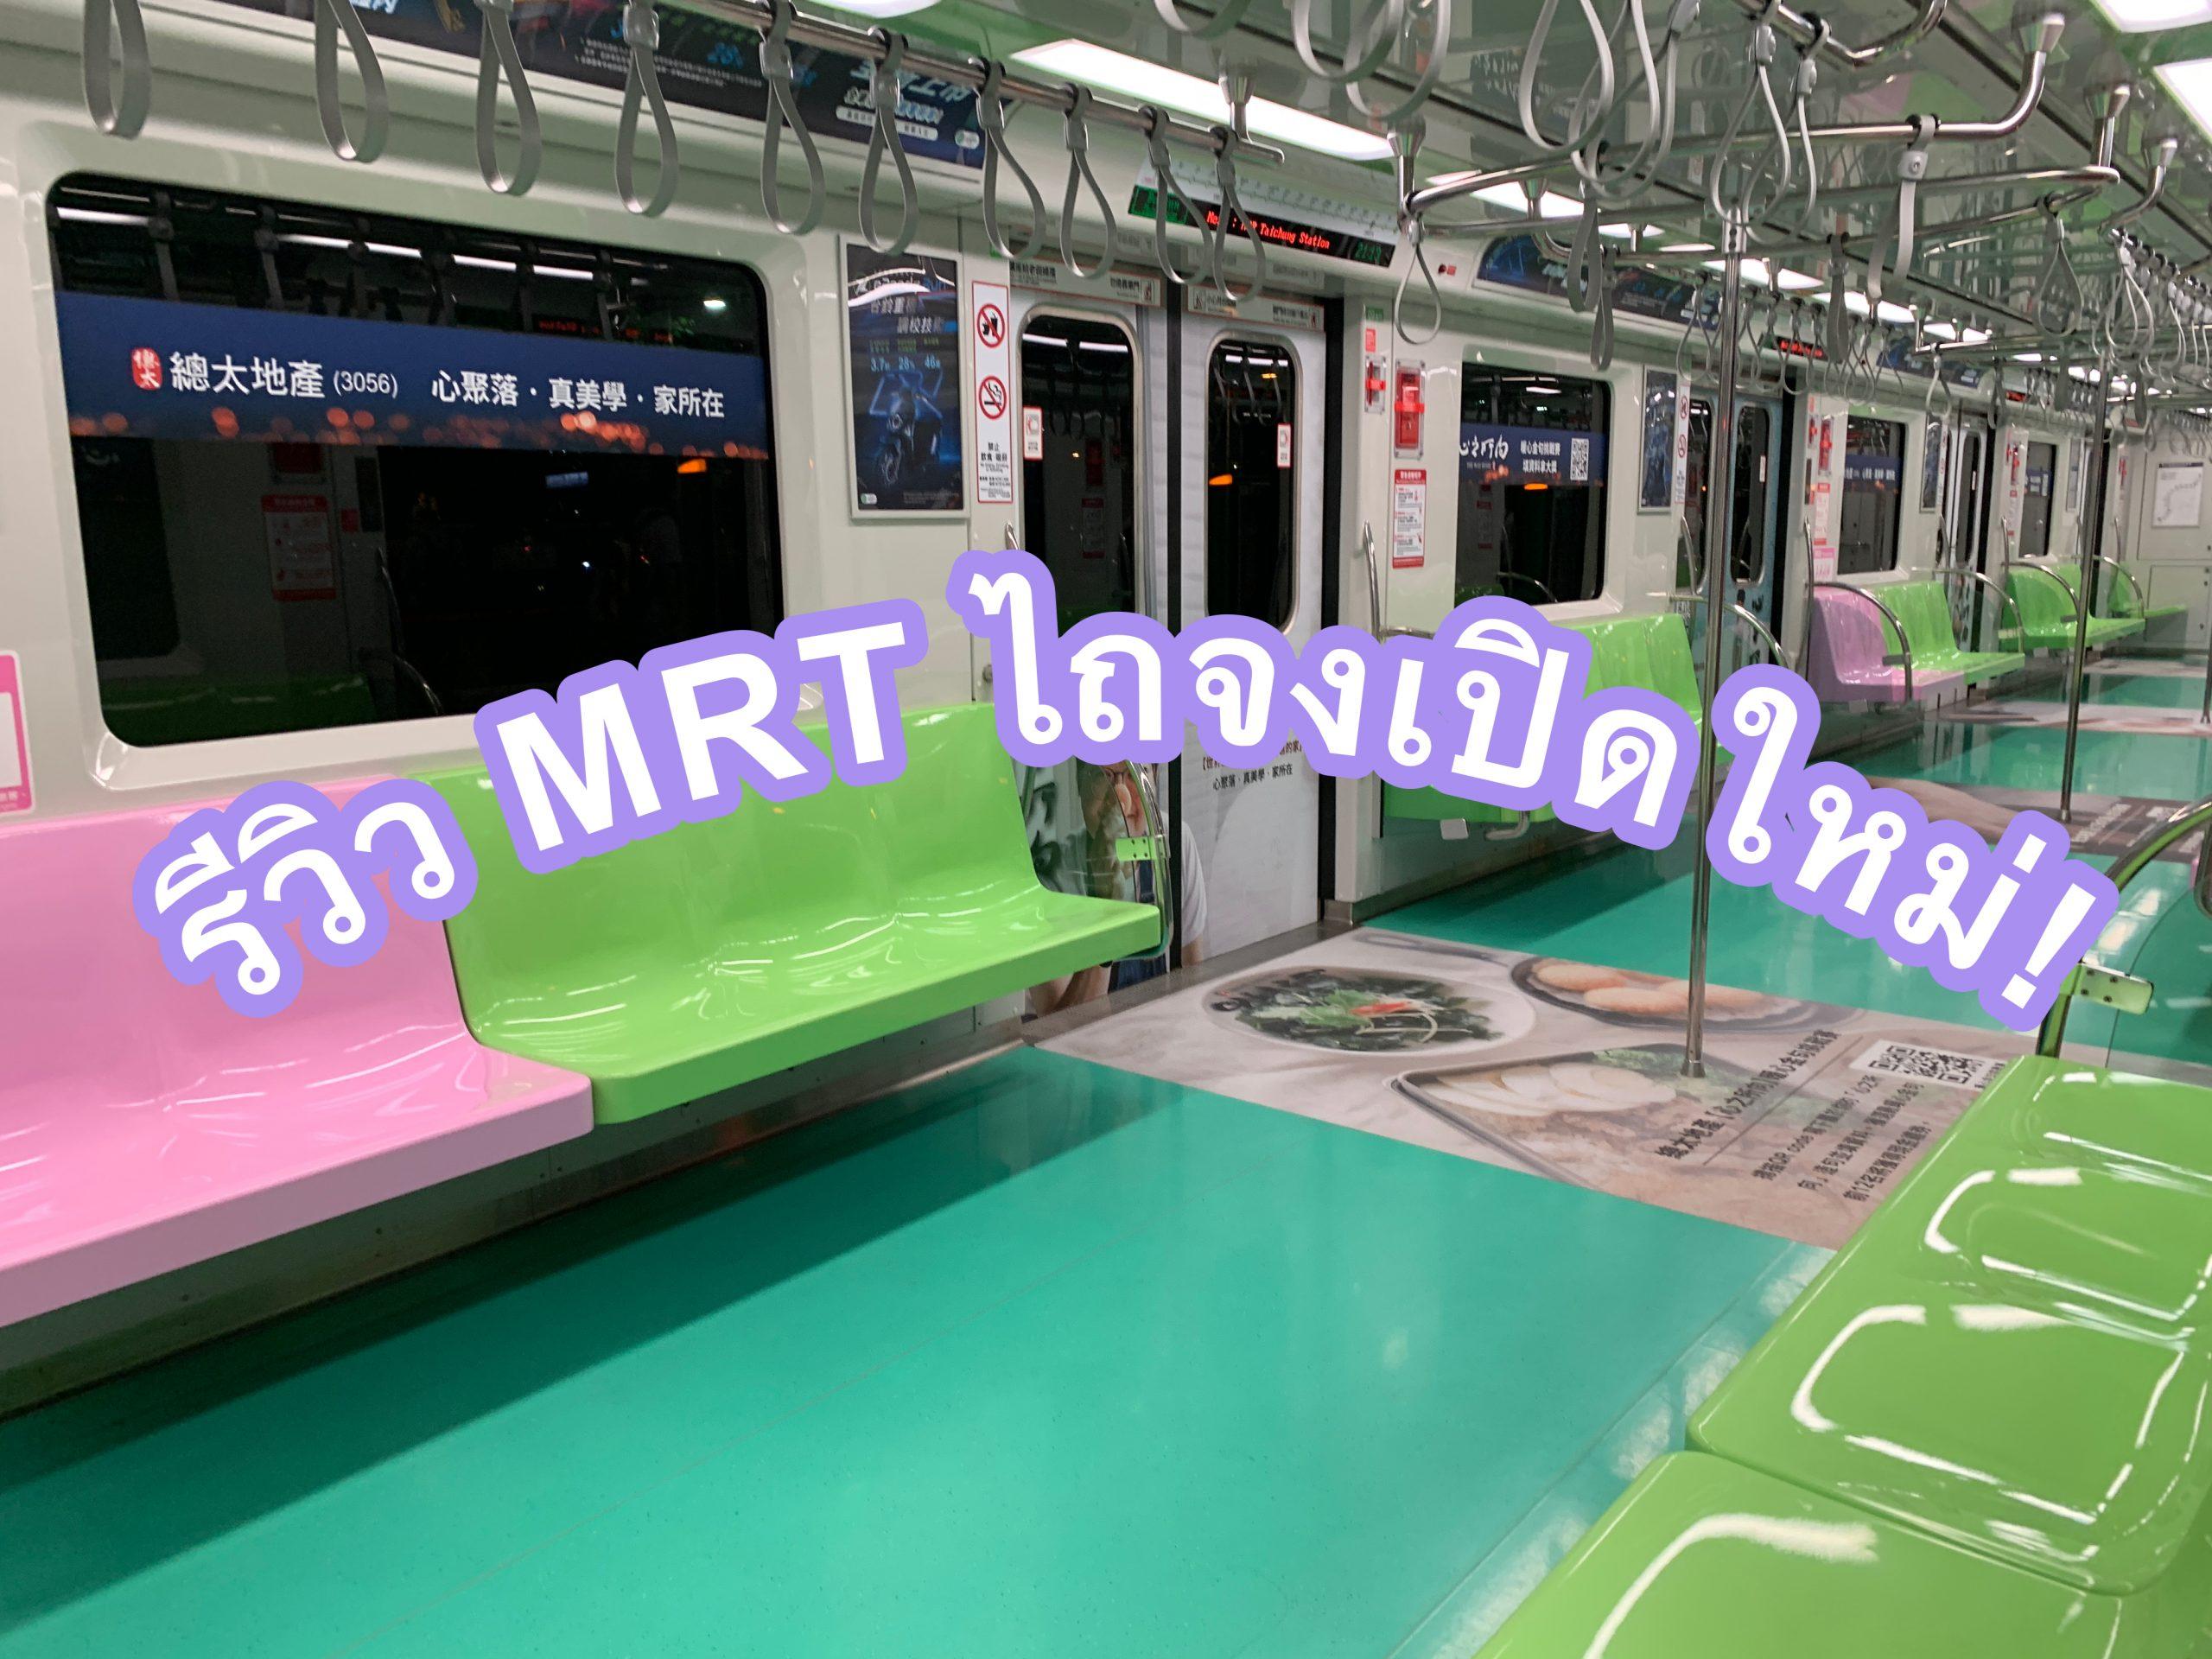 รีวิว เที่ยวไถจงล่าสุดรถไฟฟ้าMRTไถจงก่อนใคร+สถานที่ท่องเที่ยวตามสถานีรถไฟฟ้า